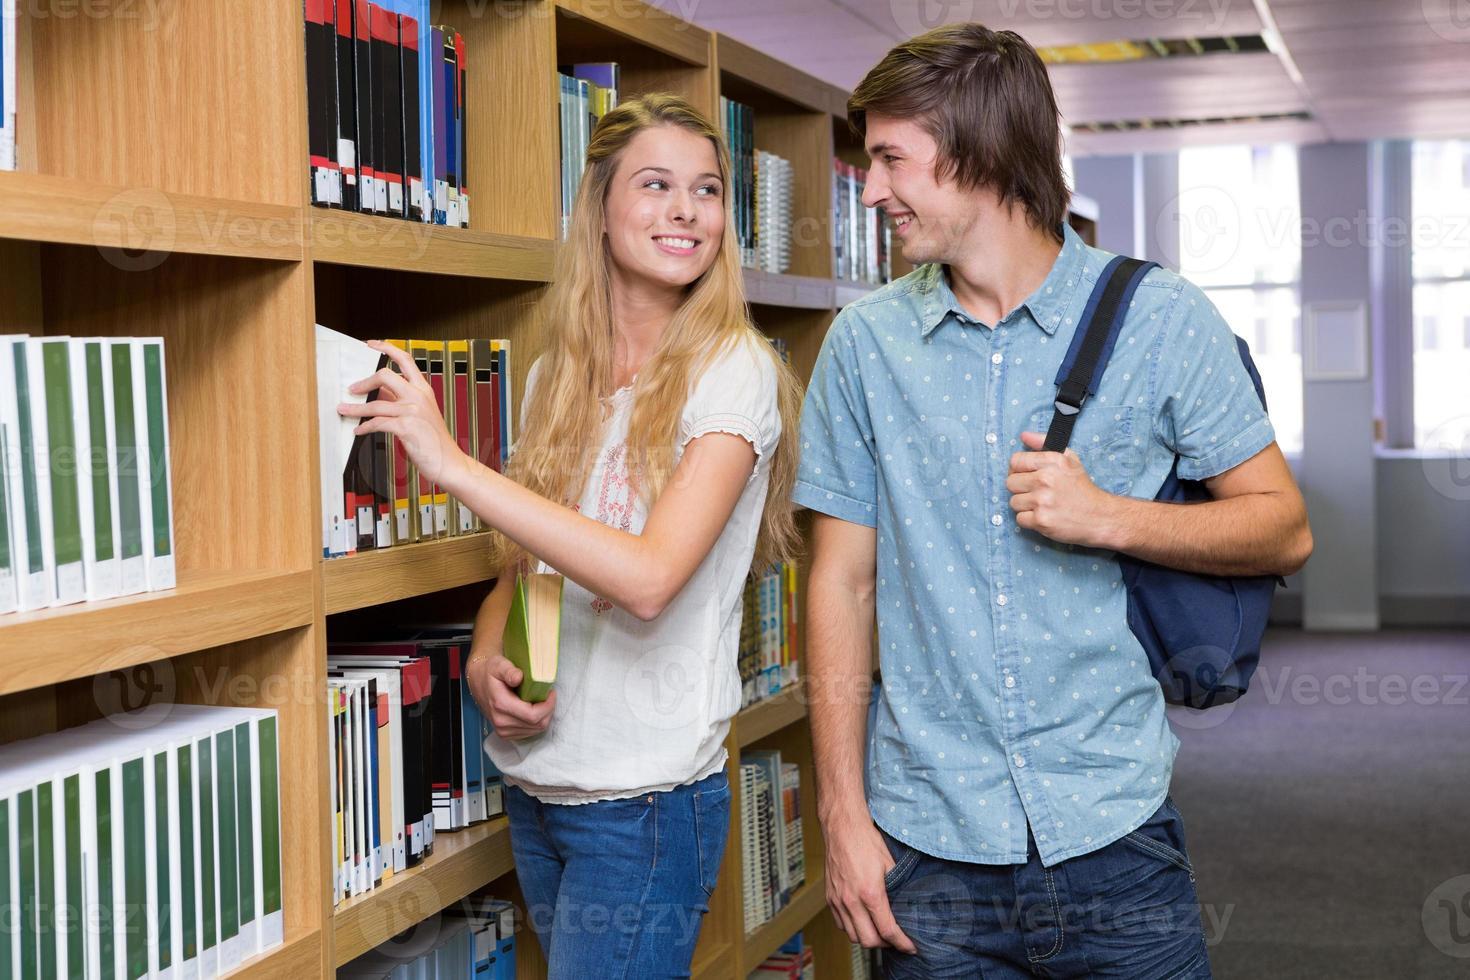 studenten bespreken in de bibliotheek foto